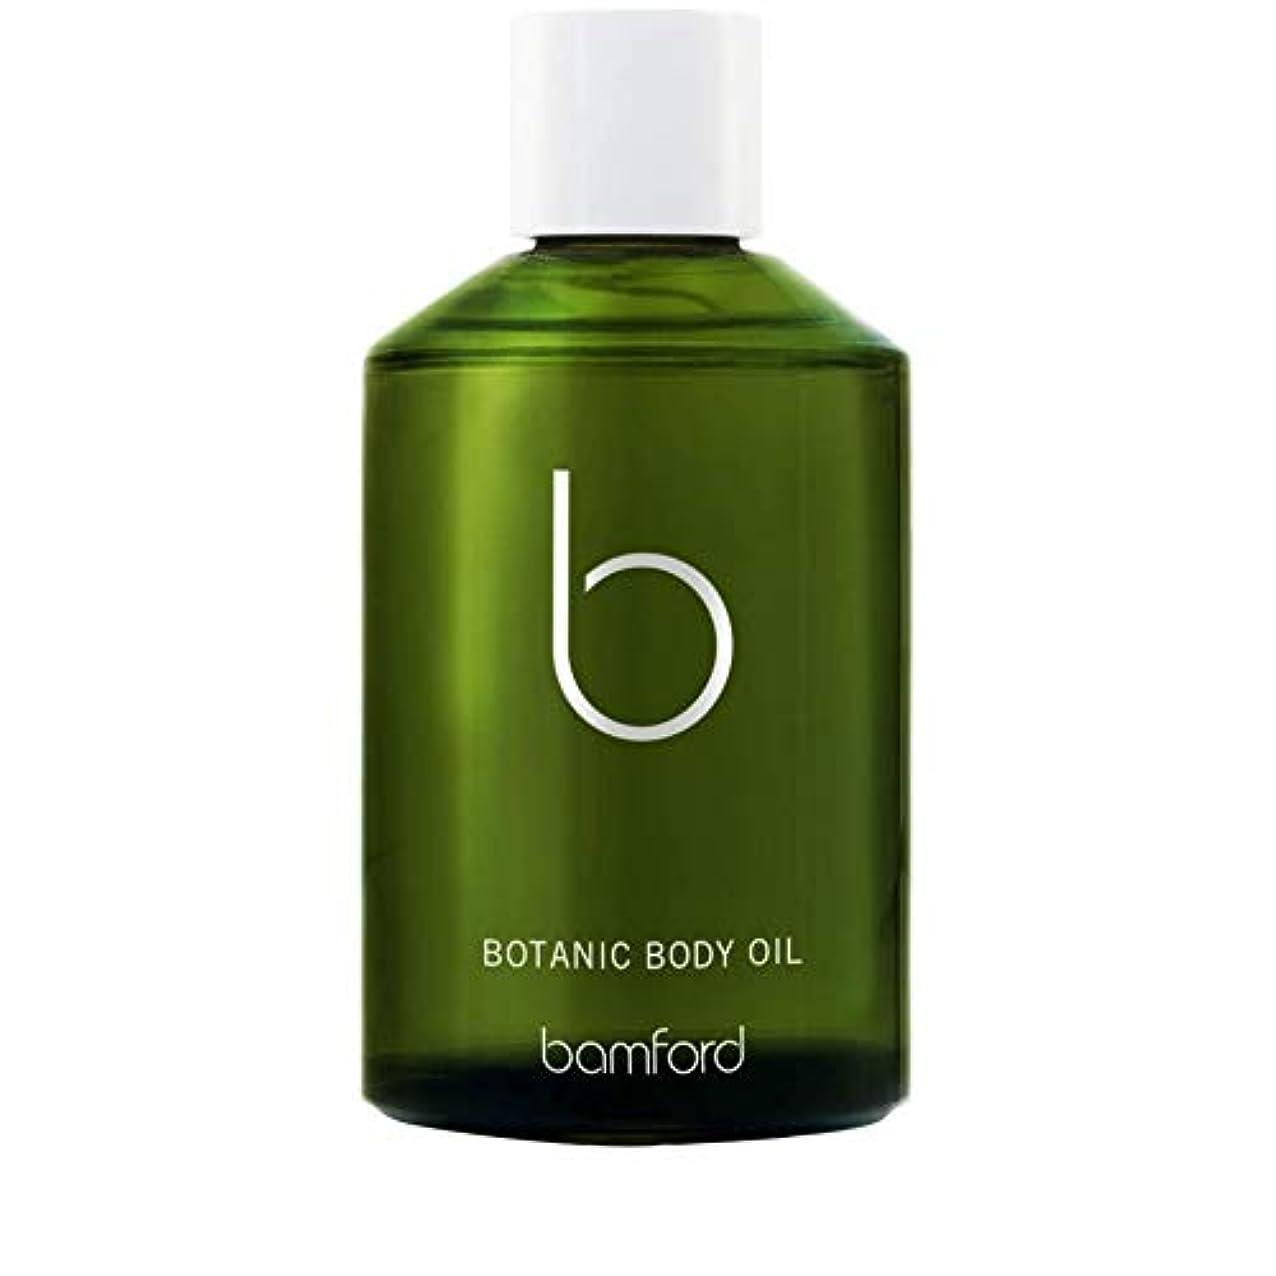 八こする優越[Bamford ] バンフォード植物のボディオイル125ミリリットル - Bamford Botanic Body Oil 125ml [並行輸入品]